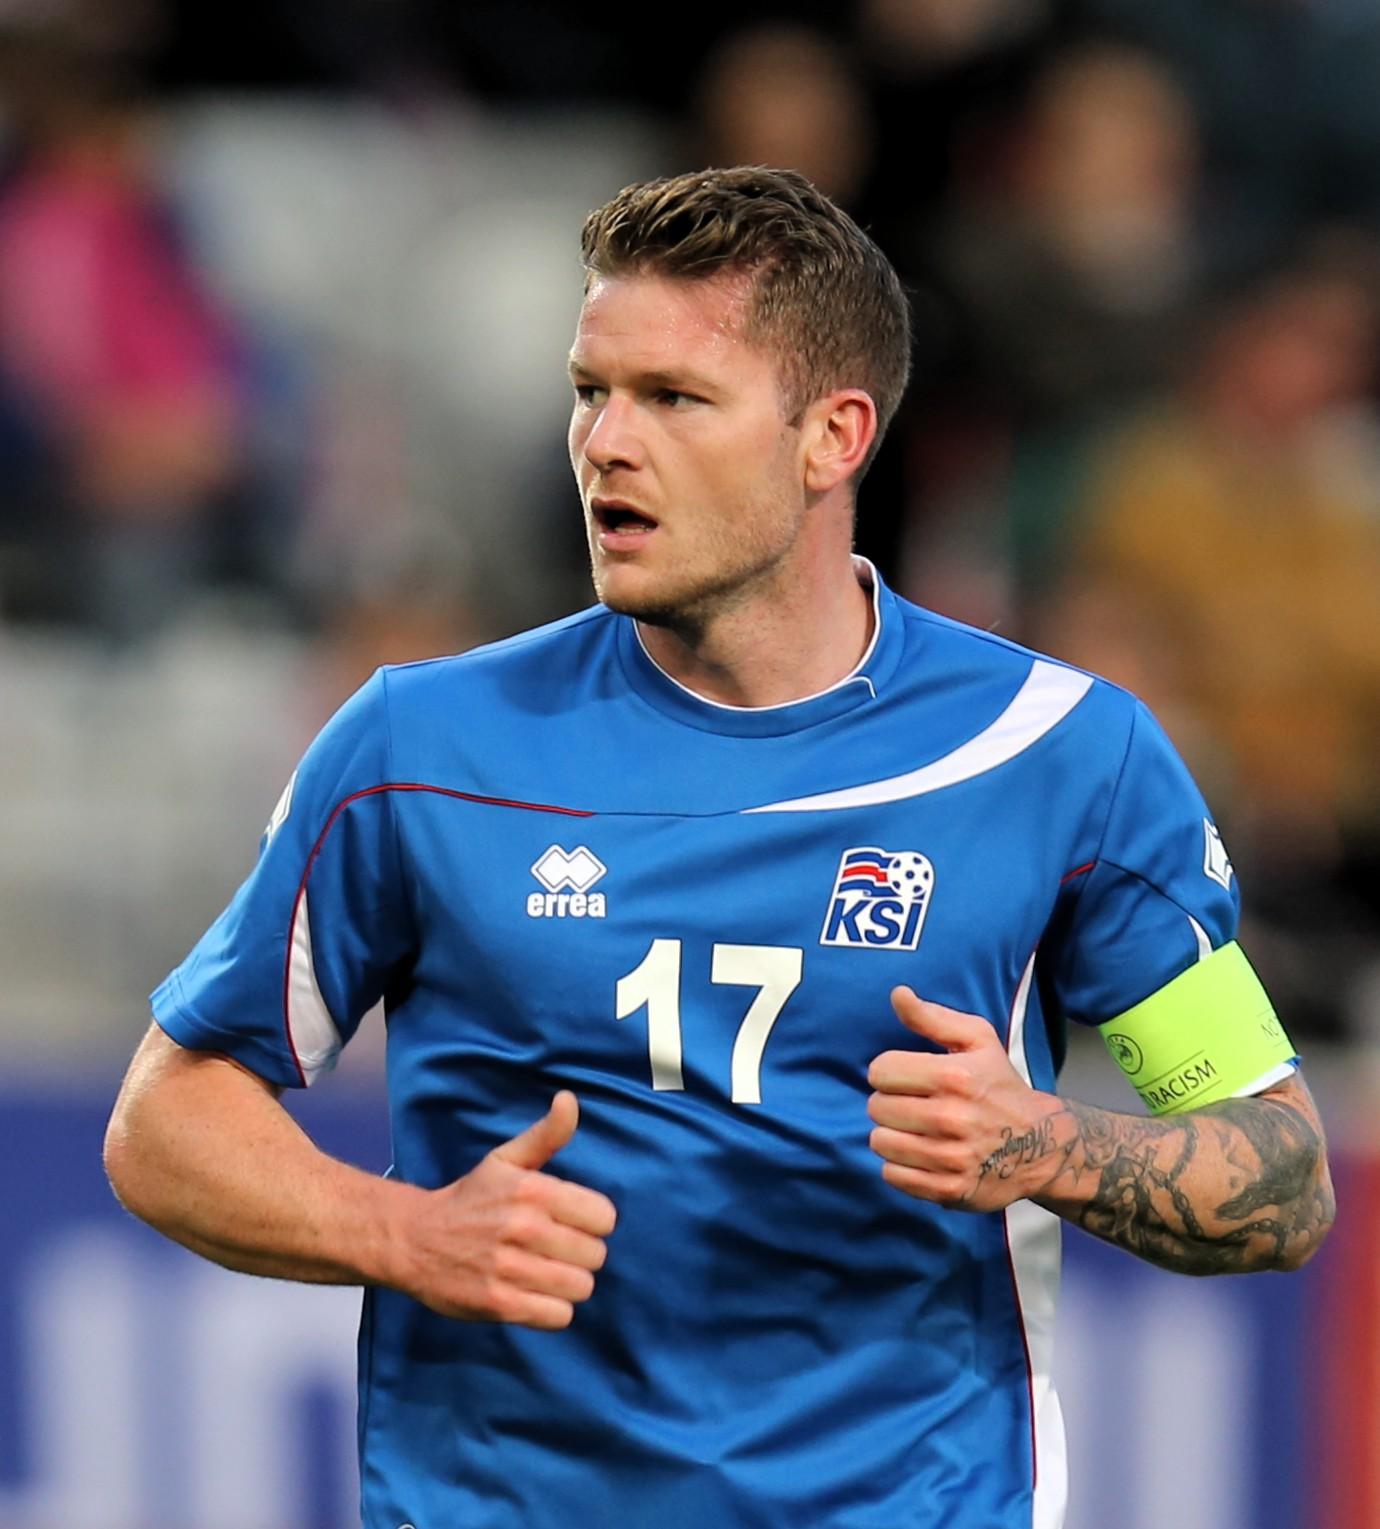 listes des joueurs Islande coupe du monde